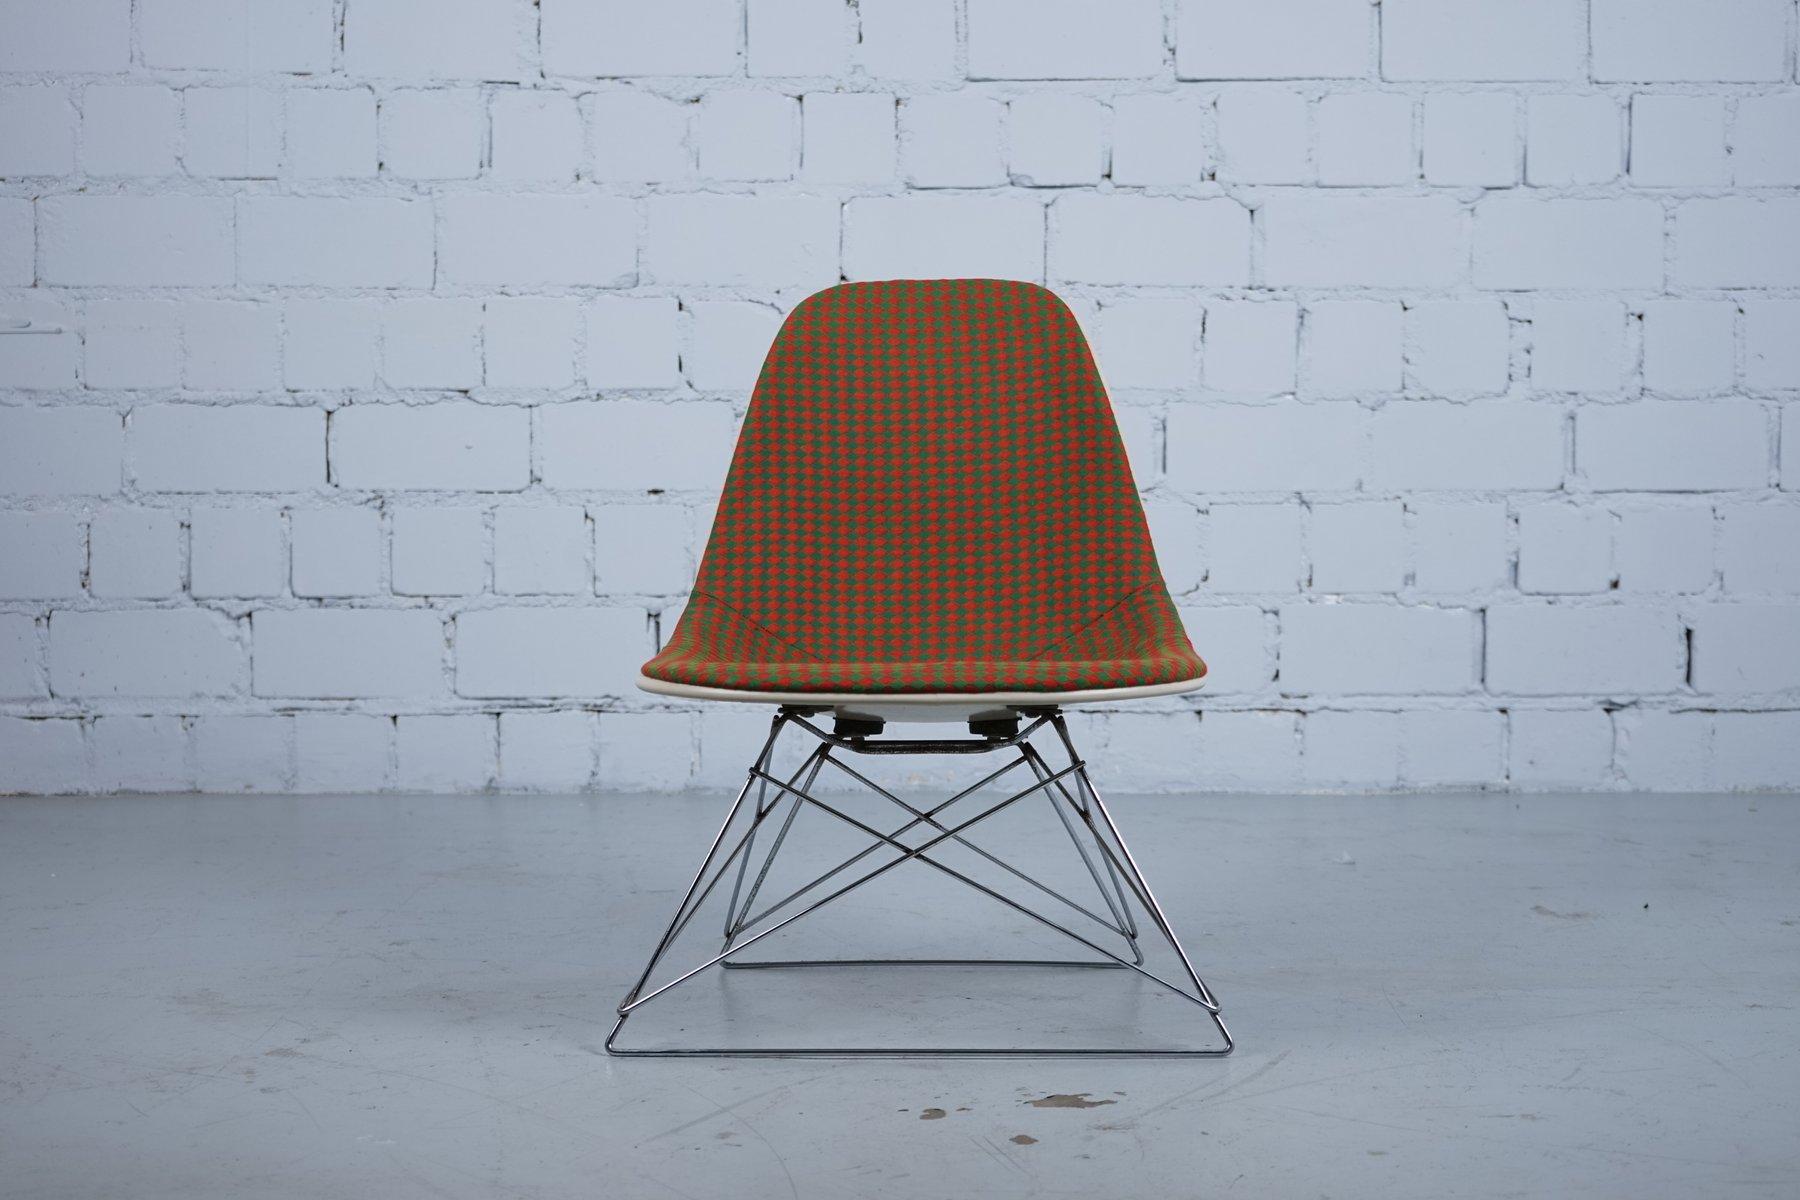 LKR Stuhl aus Fiberglas von Charles & Ray Eames für Herman Miller, 195...